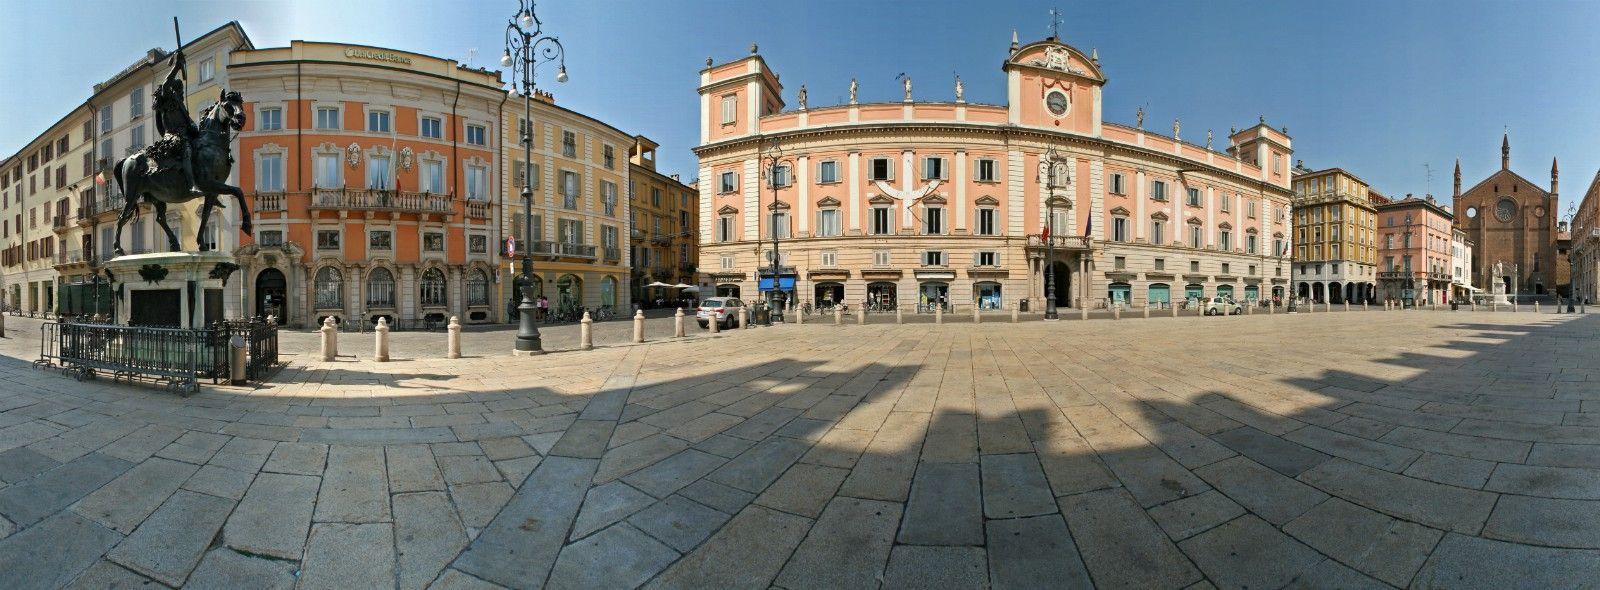 I migliori agriturismi di Piacenza e provincia